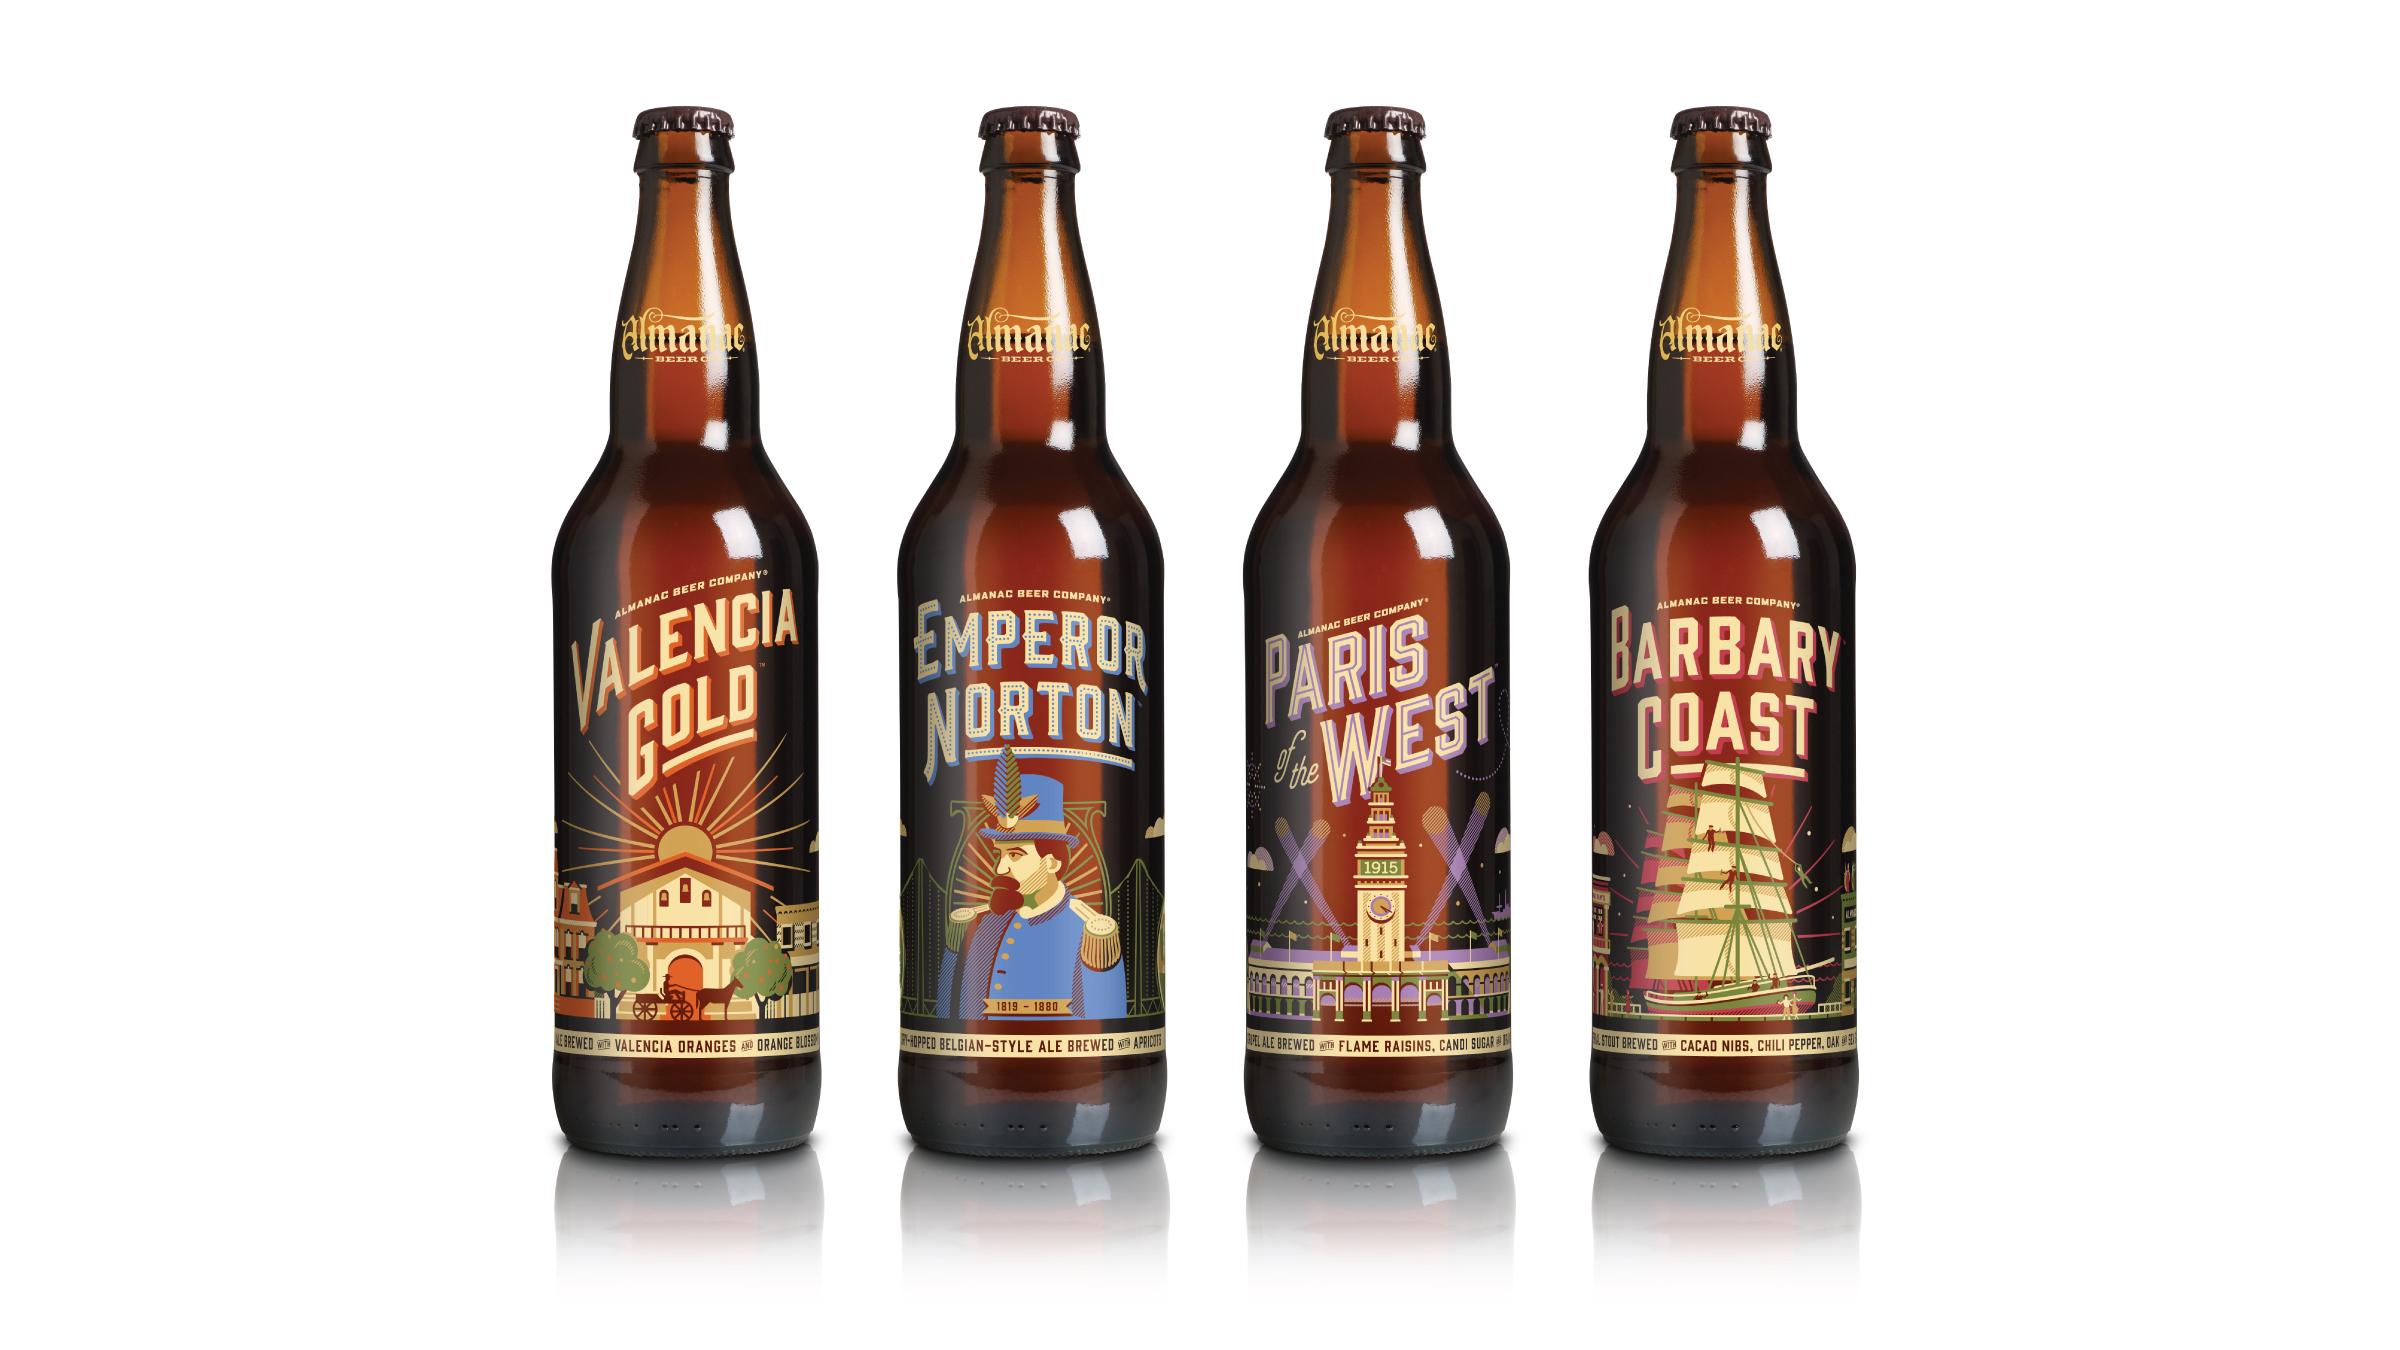 Almanac Beer Co. Seasonal Bottle Design by DKNG